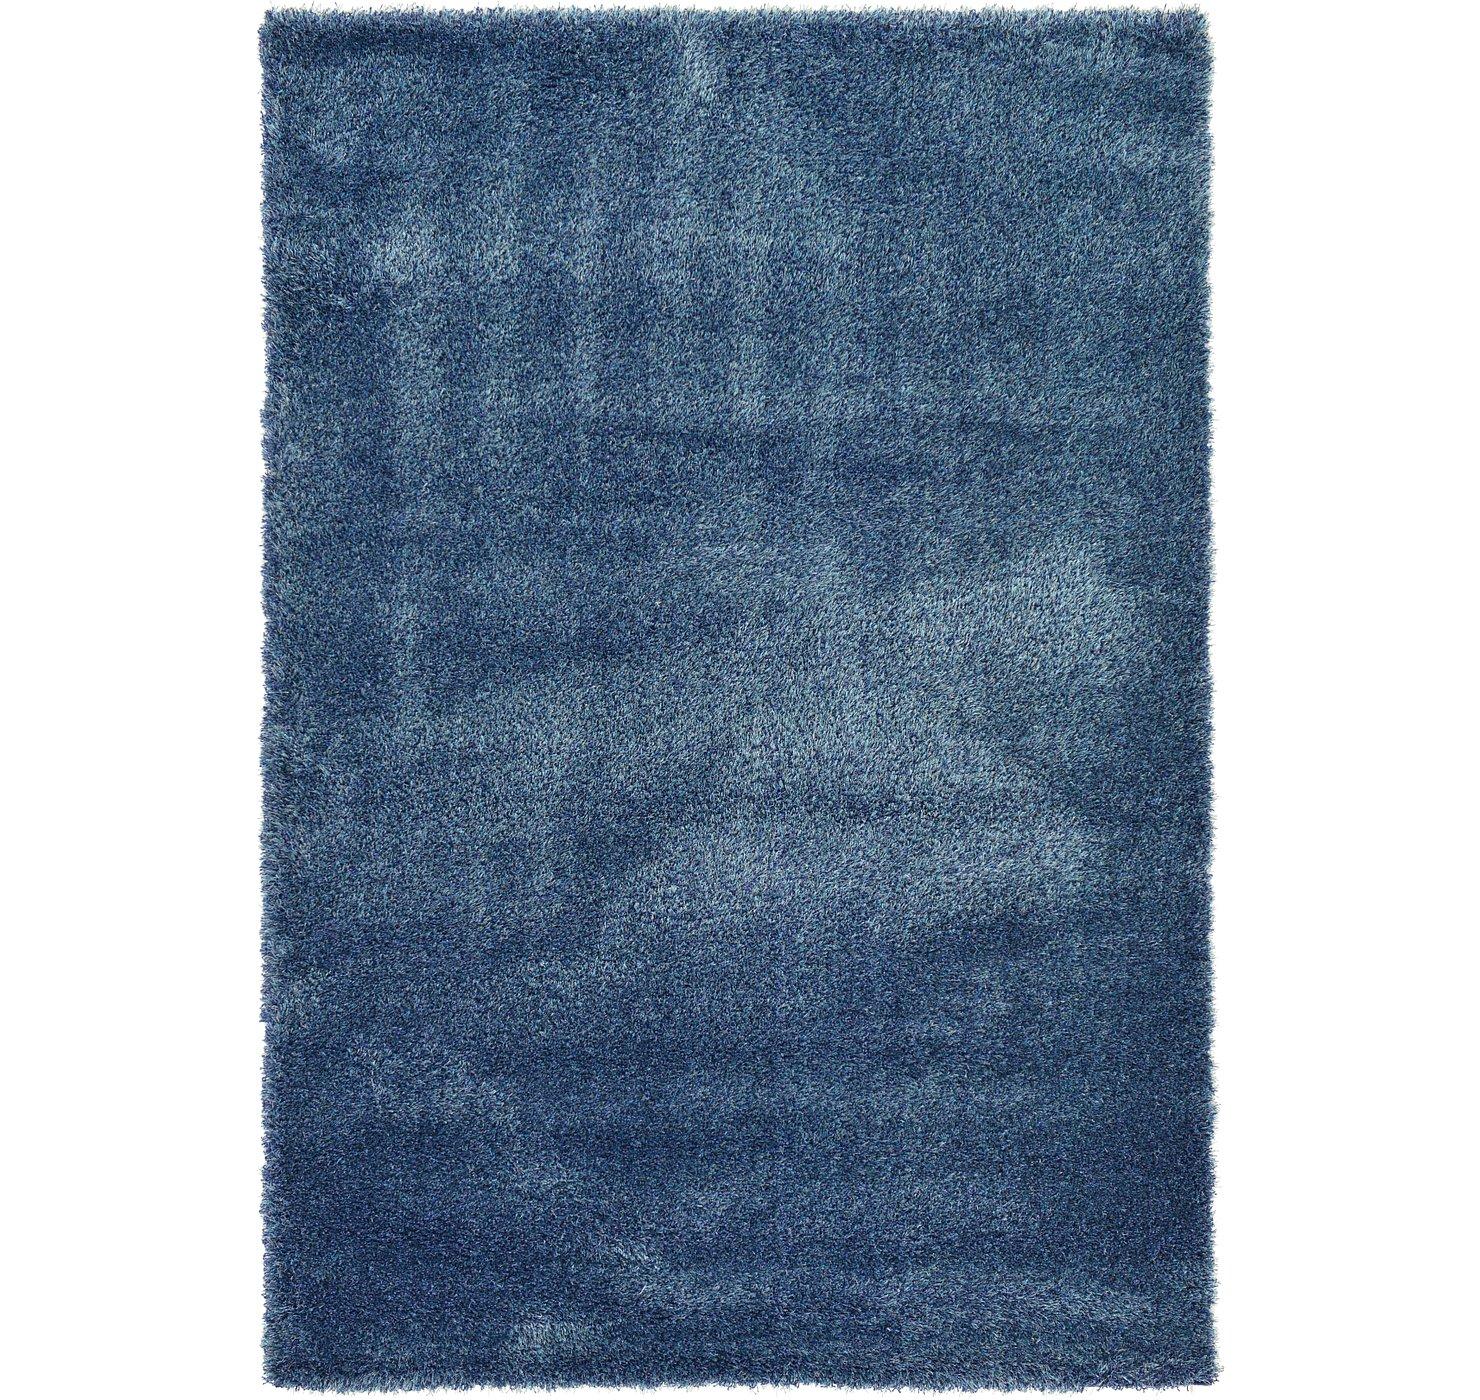 Navy Blue Area RugNavy Area Rug Navy Area Rug Designer Woolen